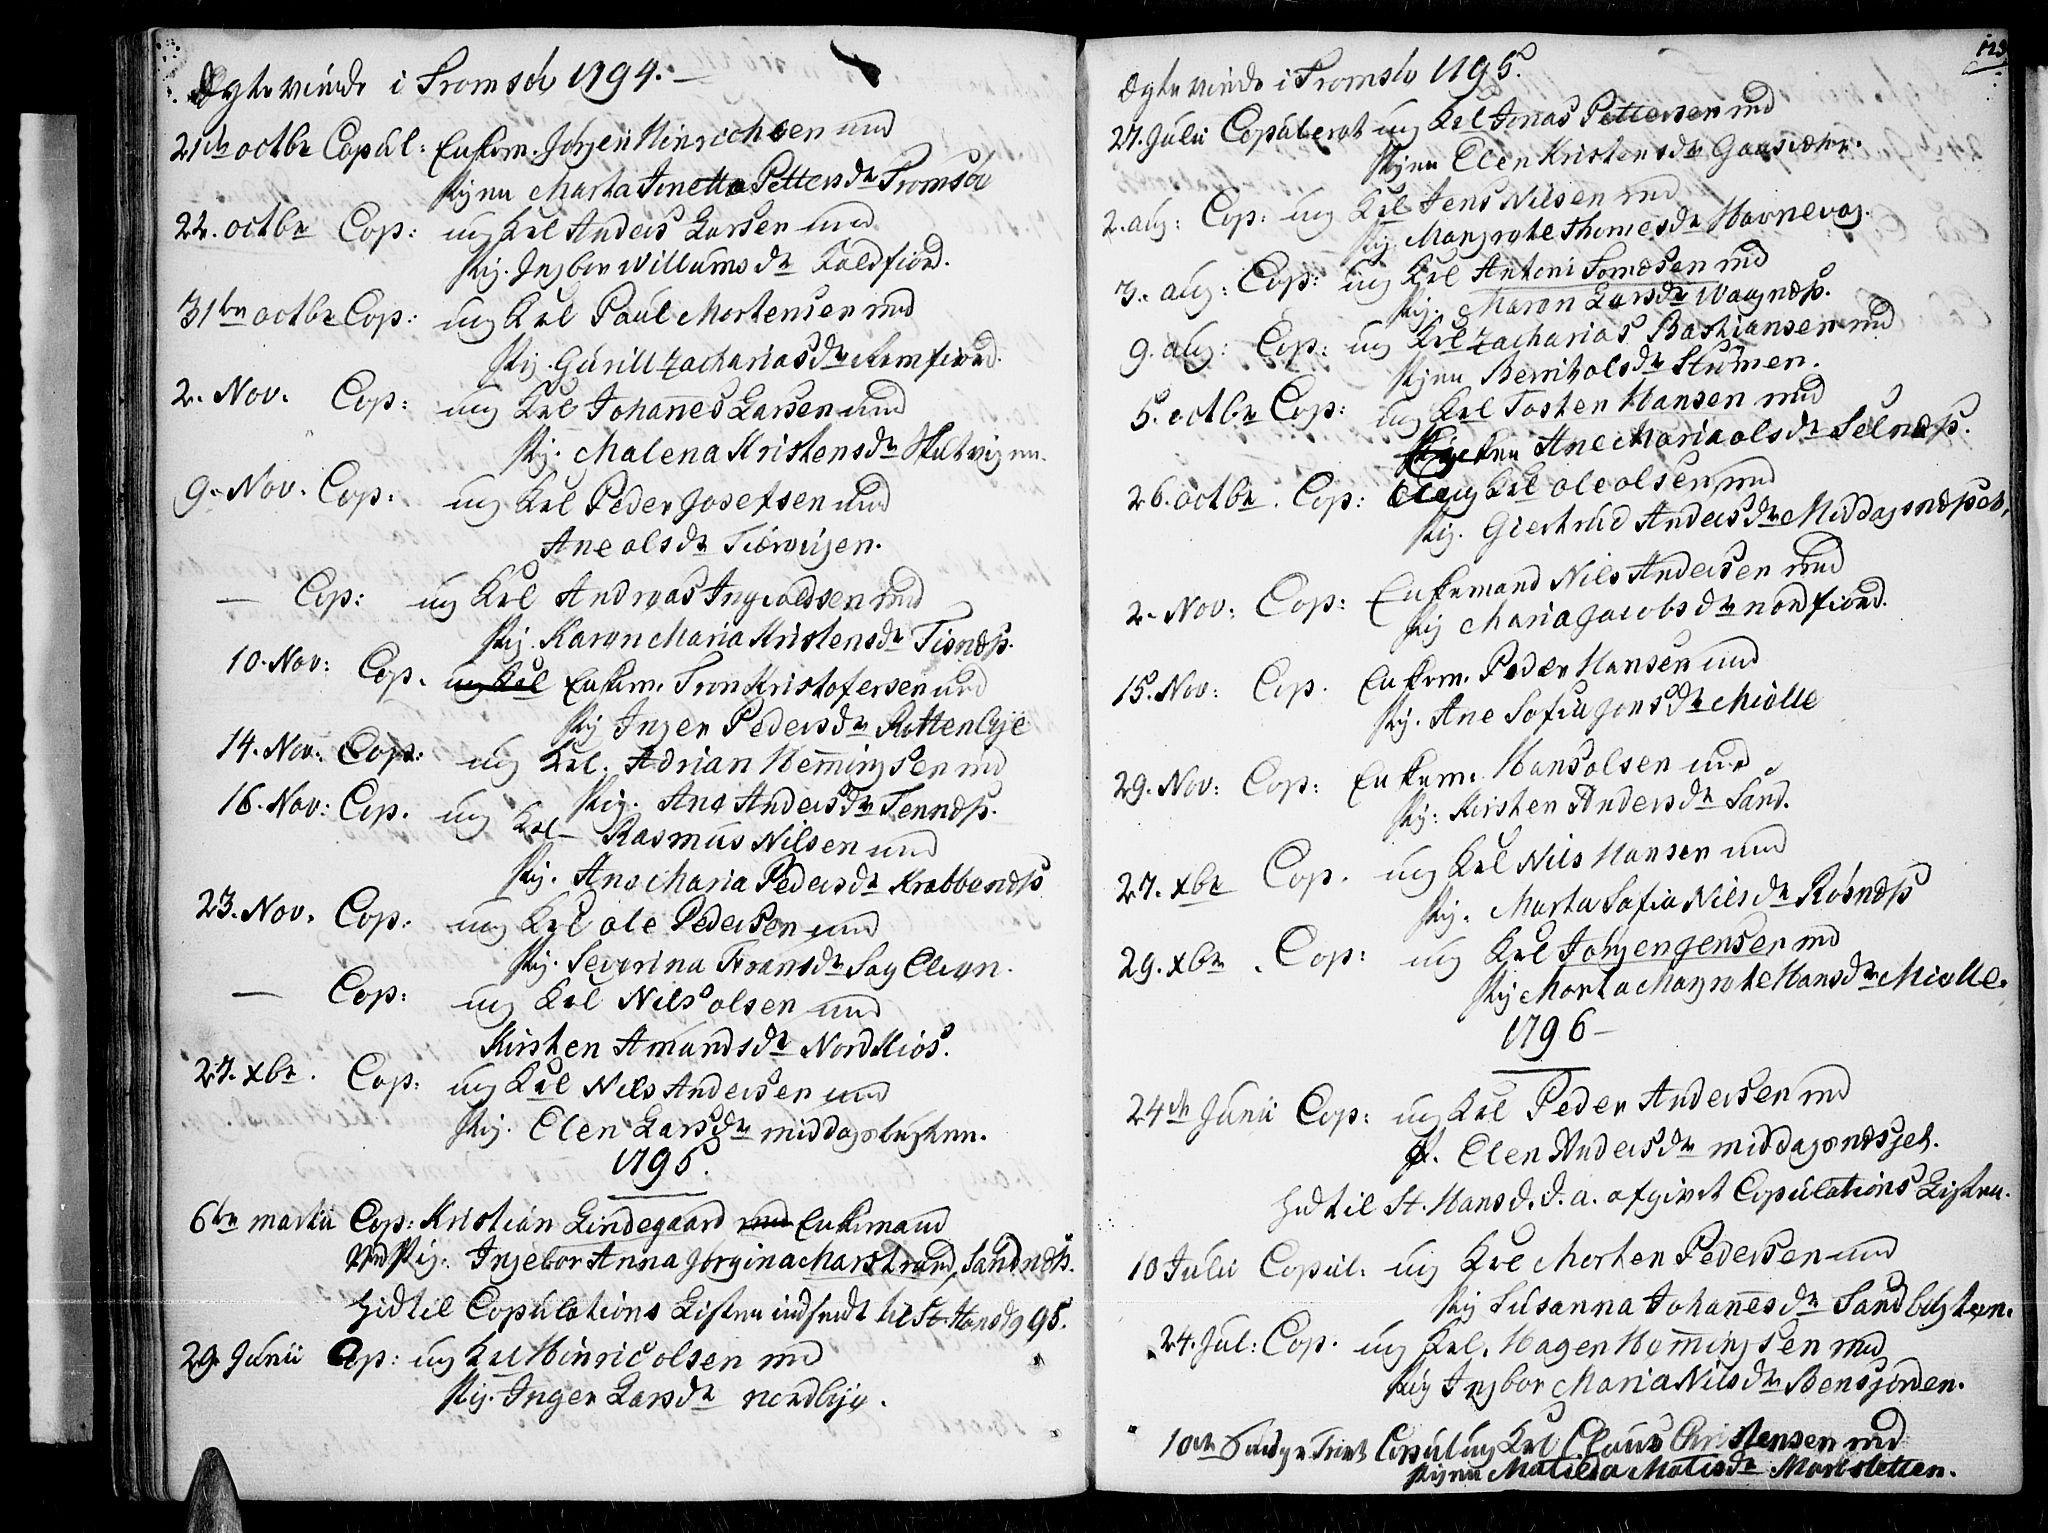 SATØ, Tromsø sokneprestkontor/stiftsprosti/domprosti, G/Ga/L0003kirke: Ministerialbok nr. 3, 1779-1796, s. 123